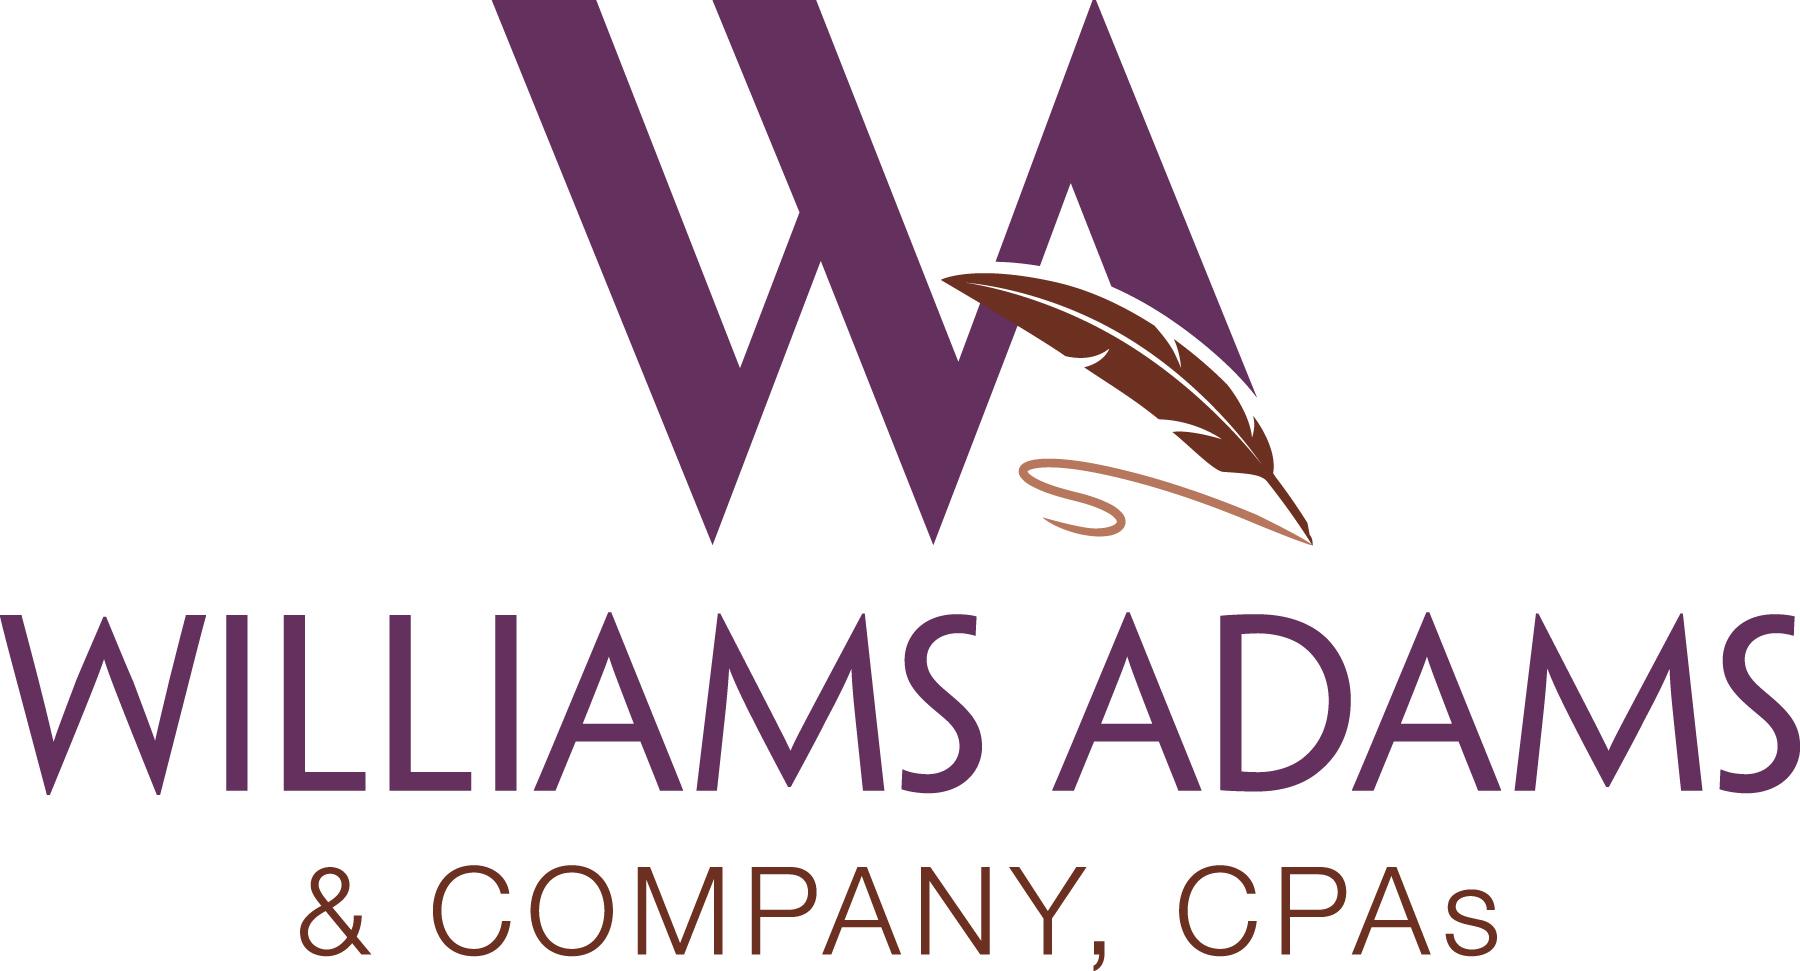 Williams Adams & Company, CPAs